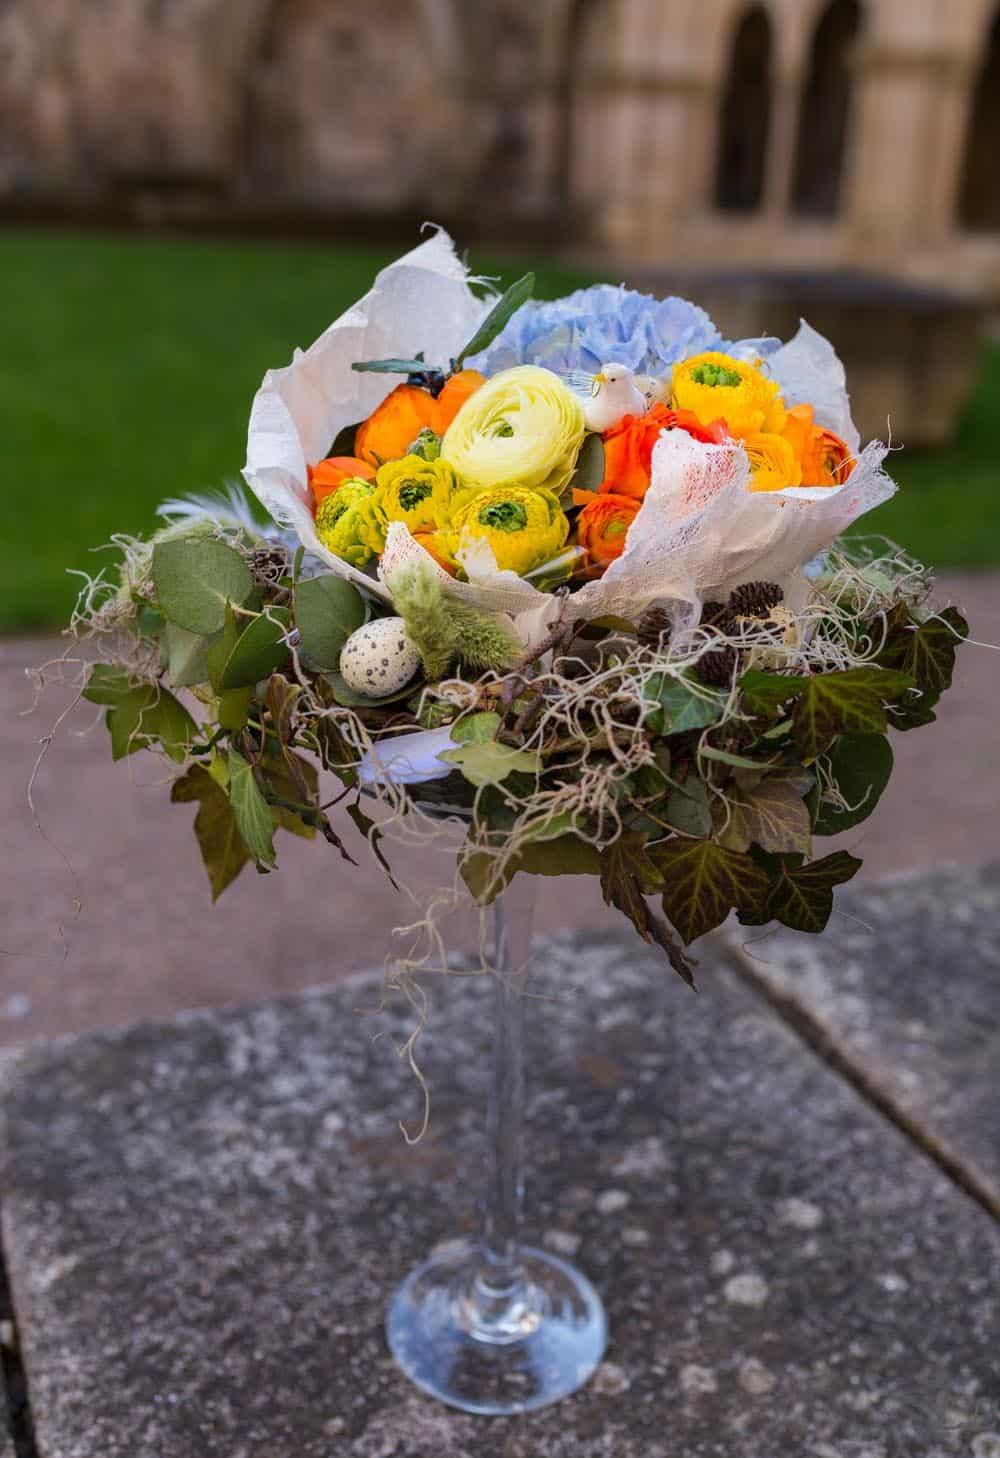 ateliers d 39 art floral cr er sois m me des bouquets de fleurs et des composition originales. Black Bedroom Furniture Sets. Home Design Ideas